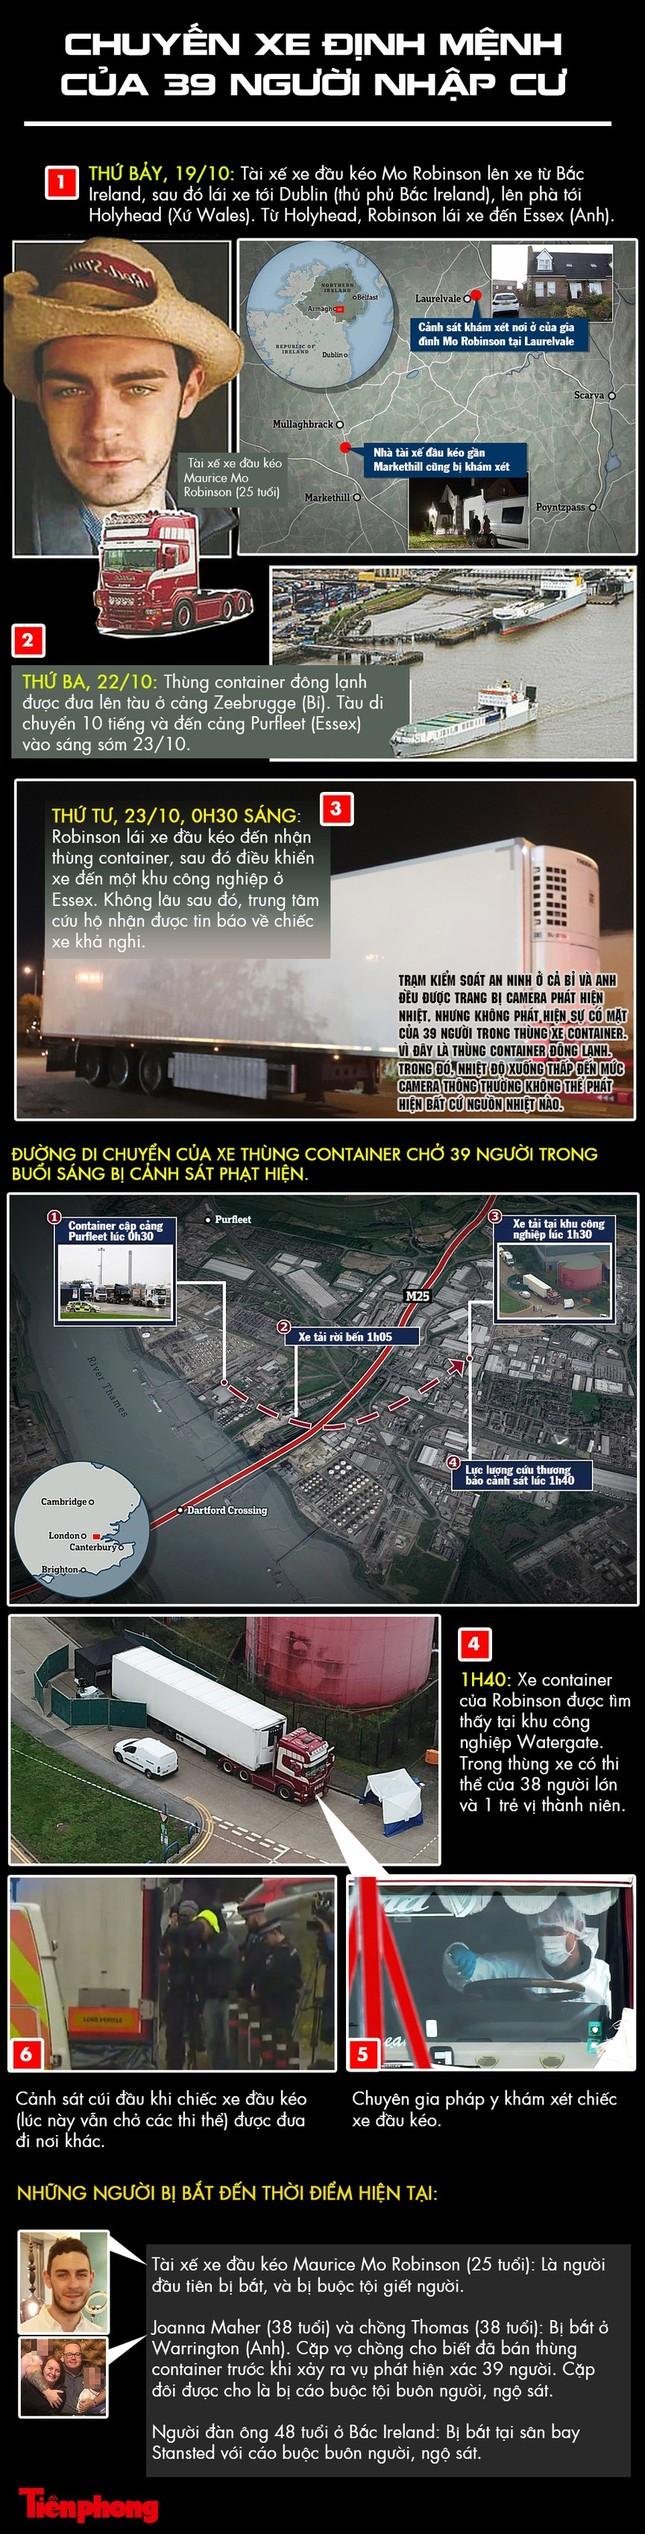 Vụ 39 thi thể trong container: Nghi phạm tự gọi cho cảnh sát để dò la ảnh 5